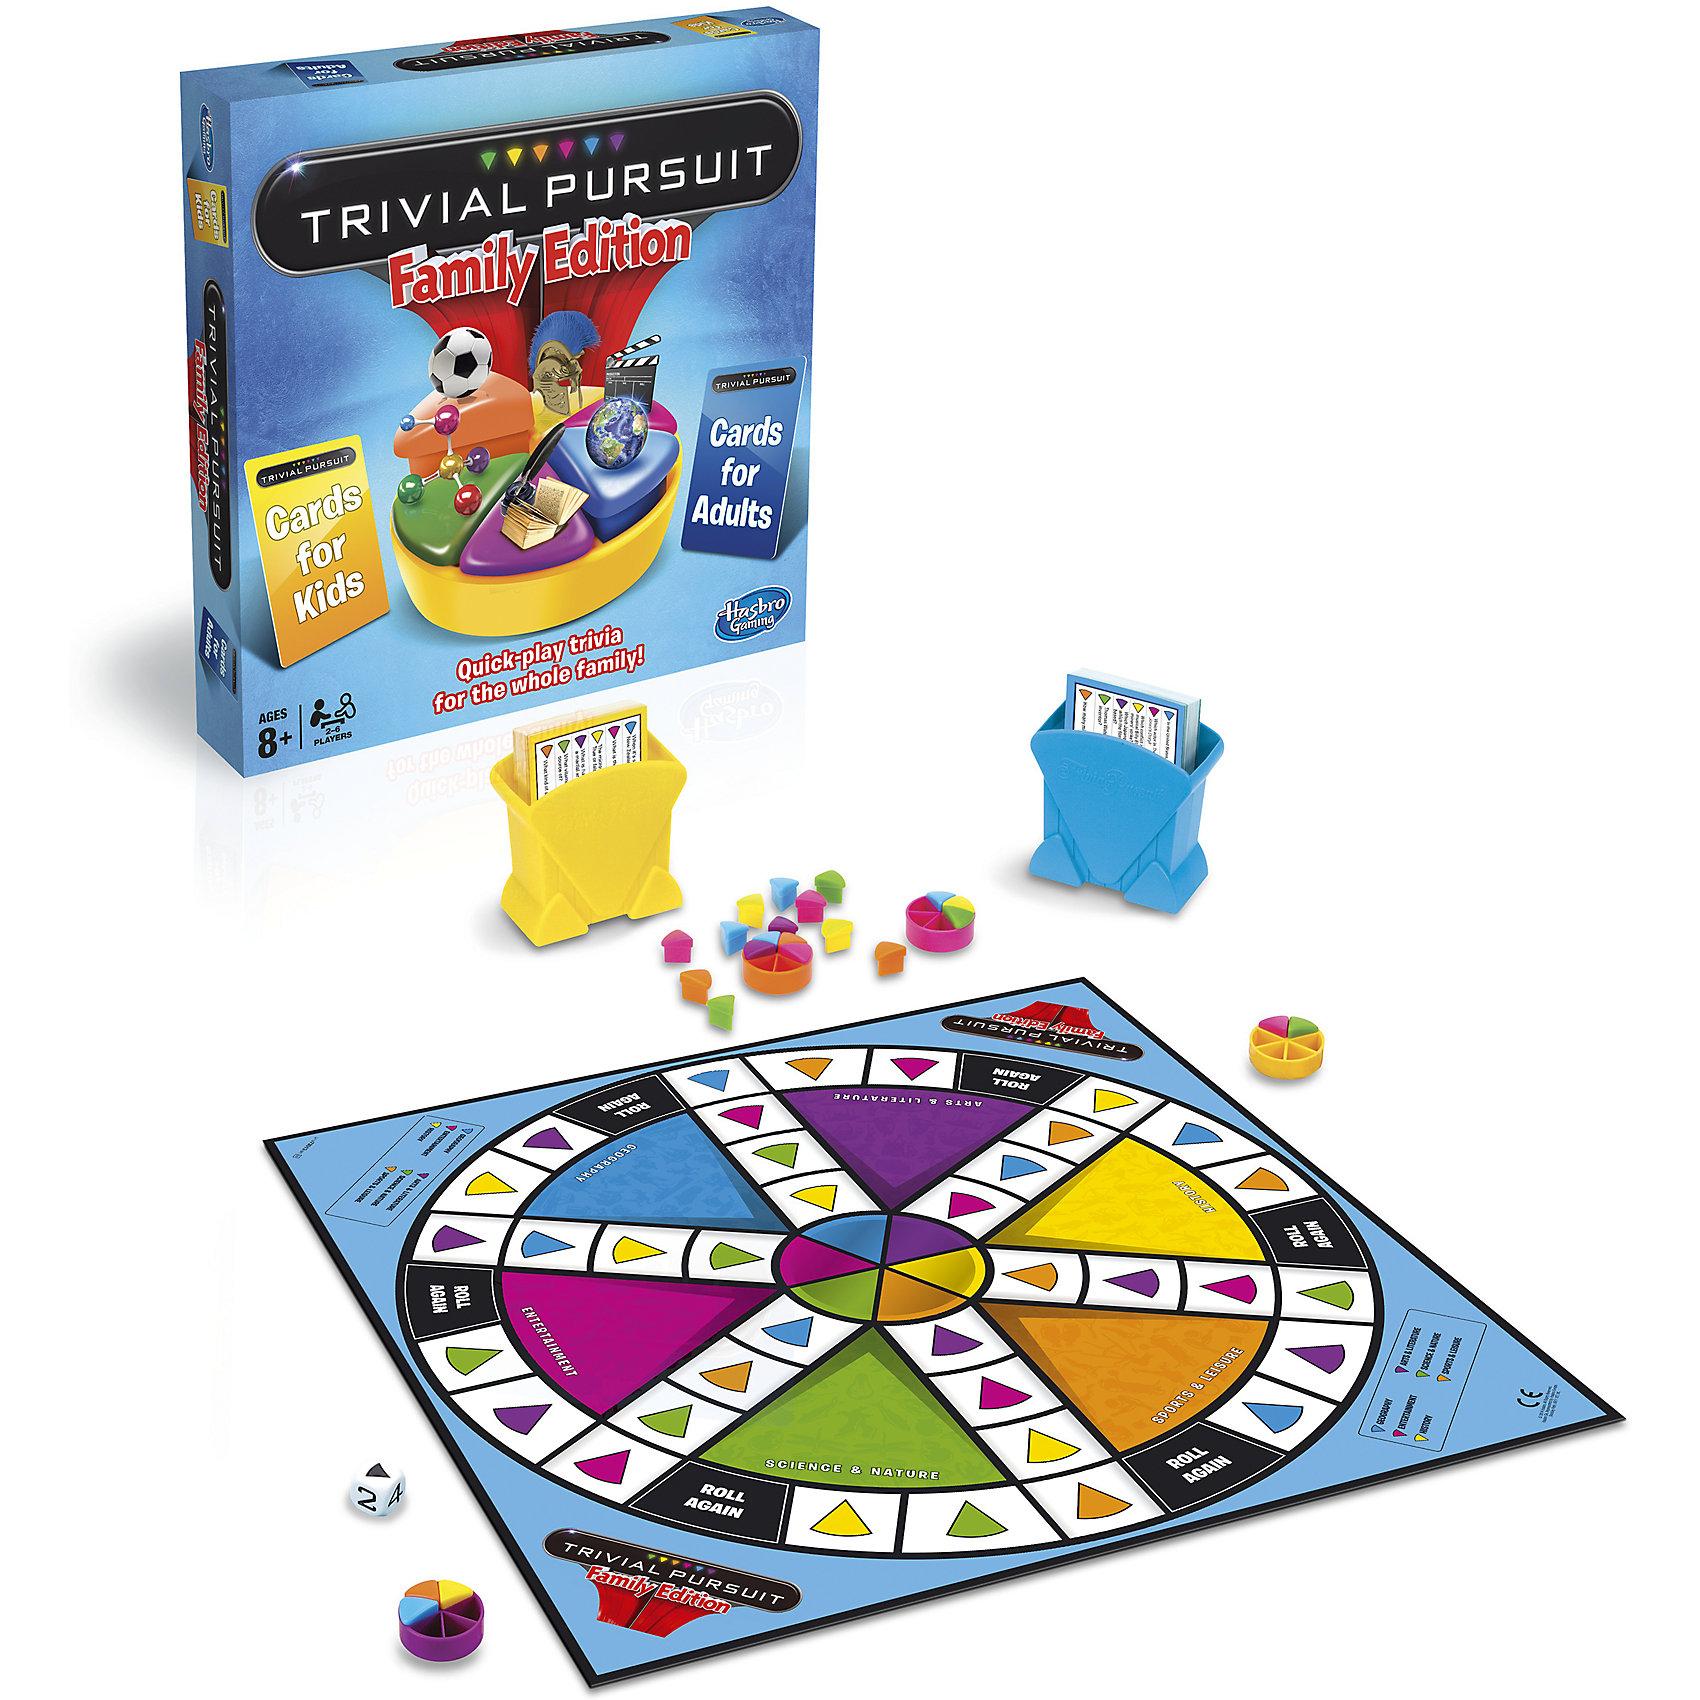 Семейная игра Тривиал Персьюит, HasbroИгры для развлечений<br>Семейная игра Тривиал Персьюит, Hasbro (Хасбро) – это увлекательнейшее интеллектуальное развлечение для всех семьи.<br>Игра Тривиал Персьюит - это еще один повод собрать всю семью вместе и весело и с пользой провести время. Теперь дети могут сразиться с родителями в интеллектуальном поединке. 2400 вопросов обо всем на свете гарантируют веселый и познавательный вечер. Вопросы разделены на 6 категорий: география, развлечения, история, искусство и литература, наука и природа, спорт и отдых. Чтобы игра была честной вопросы разделены по сложности на детские и вопросы для родителей. Теперь все узнают, кто в вашей семье самый умный! Играйте по одному или в командах, по очереди перемещая фишку по игровой доске и получая разноцветные дольки за правильные ответы на вопросы.<br><br>Дополнительная информация:<br><br>- В наборе: игровая доска, 400 карточек с вопросами(200 голубых карточек для взрослых и 200 желтых карточек для детей), 2 держателя для карточек, 6 фишек, 36 долек, игральный кубик, правила игры<br>- Материал: картон, пластик<br>- Размер упаковки: 5,3 х 26,9 х 26,9 см.<br>- Вес: 1300 гр.<br><br>Семейную игру Тривиал Персьюит, Hasbro можно купить в нашем интернет-магазине.<br><br>Ширина мм: 53<br>Глубина мм: 269<br>Высота мм: 269<br>Вес г: 1300<br>Возраст от месяцев: 96<br>Возраст до месяцев: 192<br>Пол: Унисекс<br>Возраст: Детский<br>SKU: 4318492